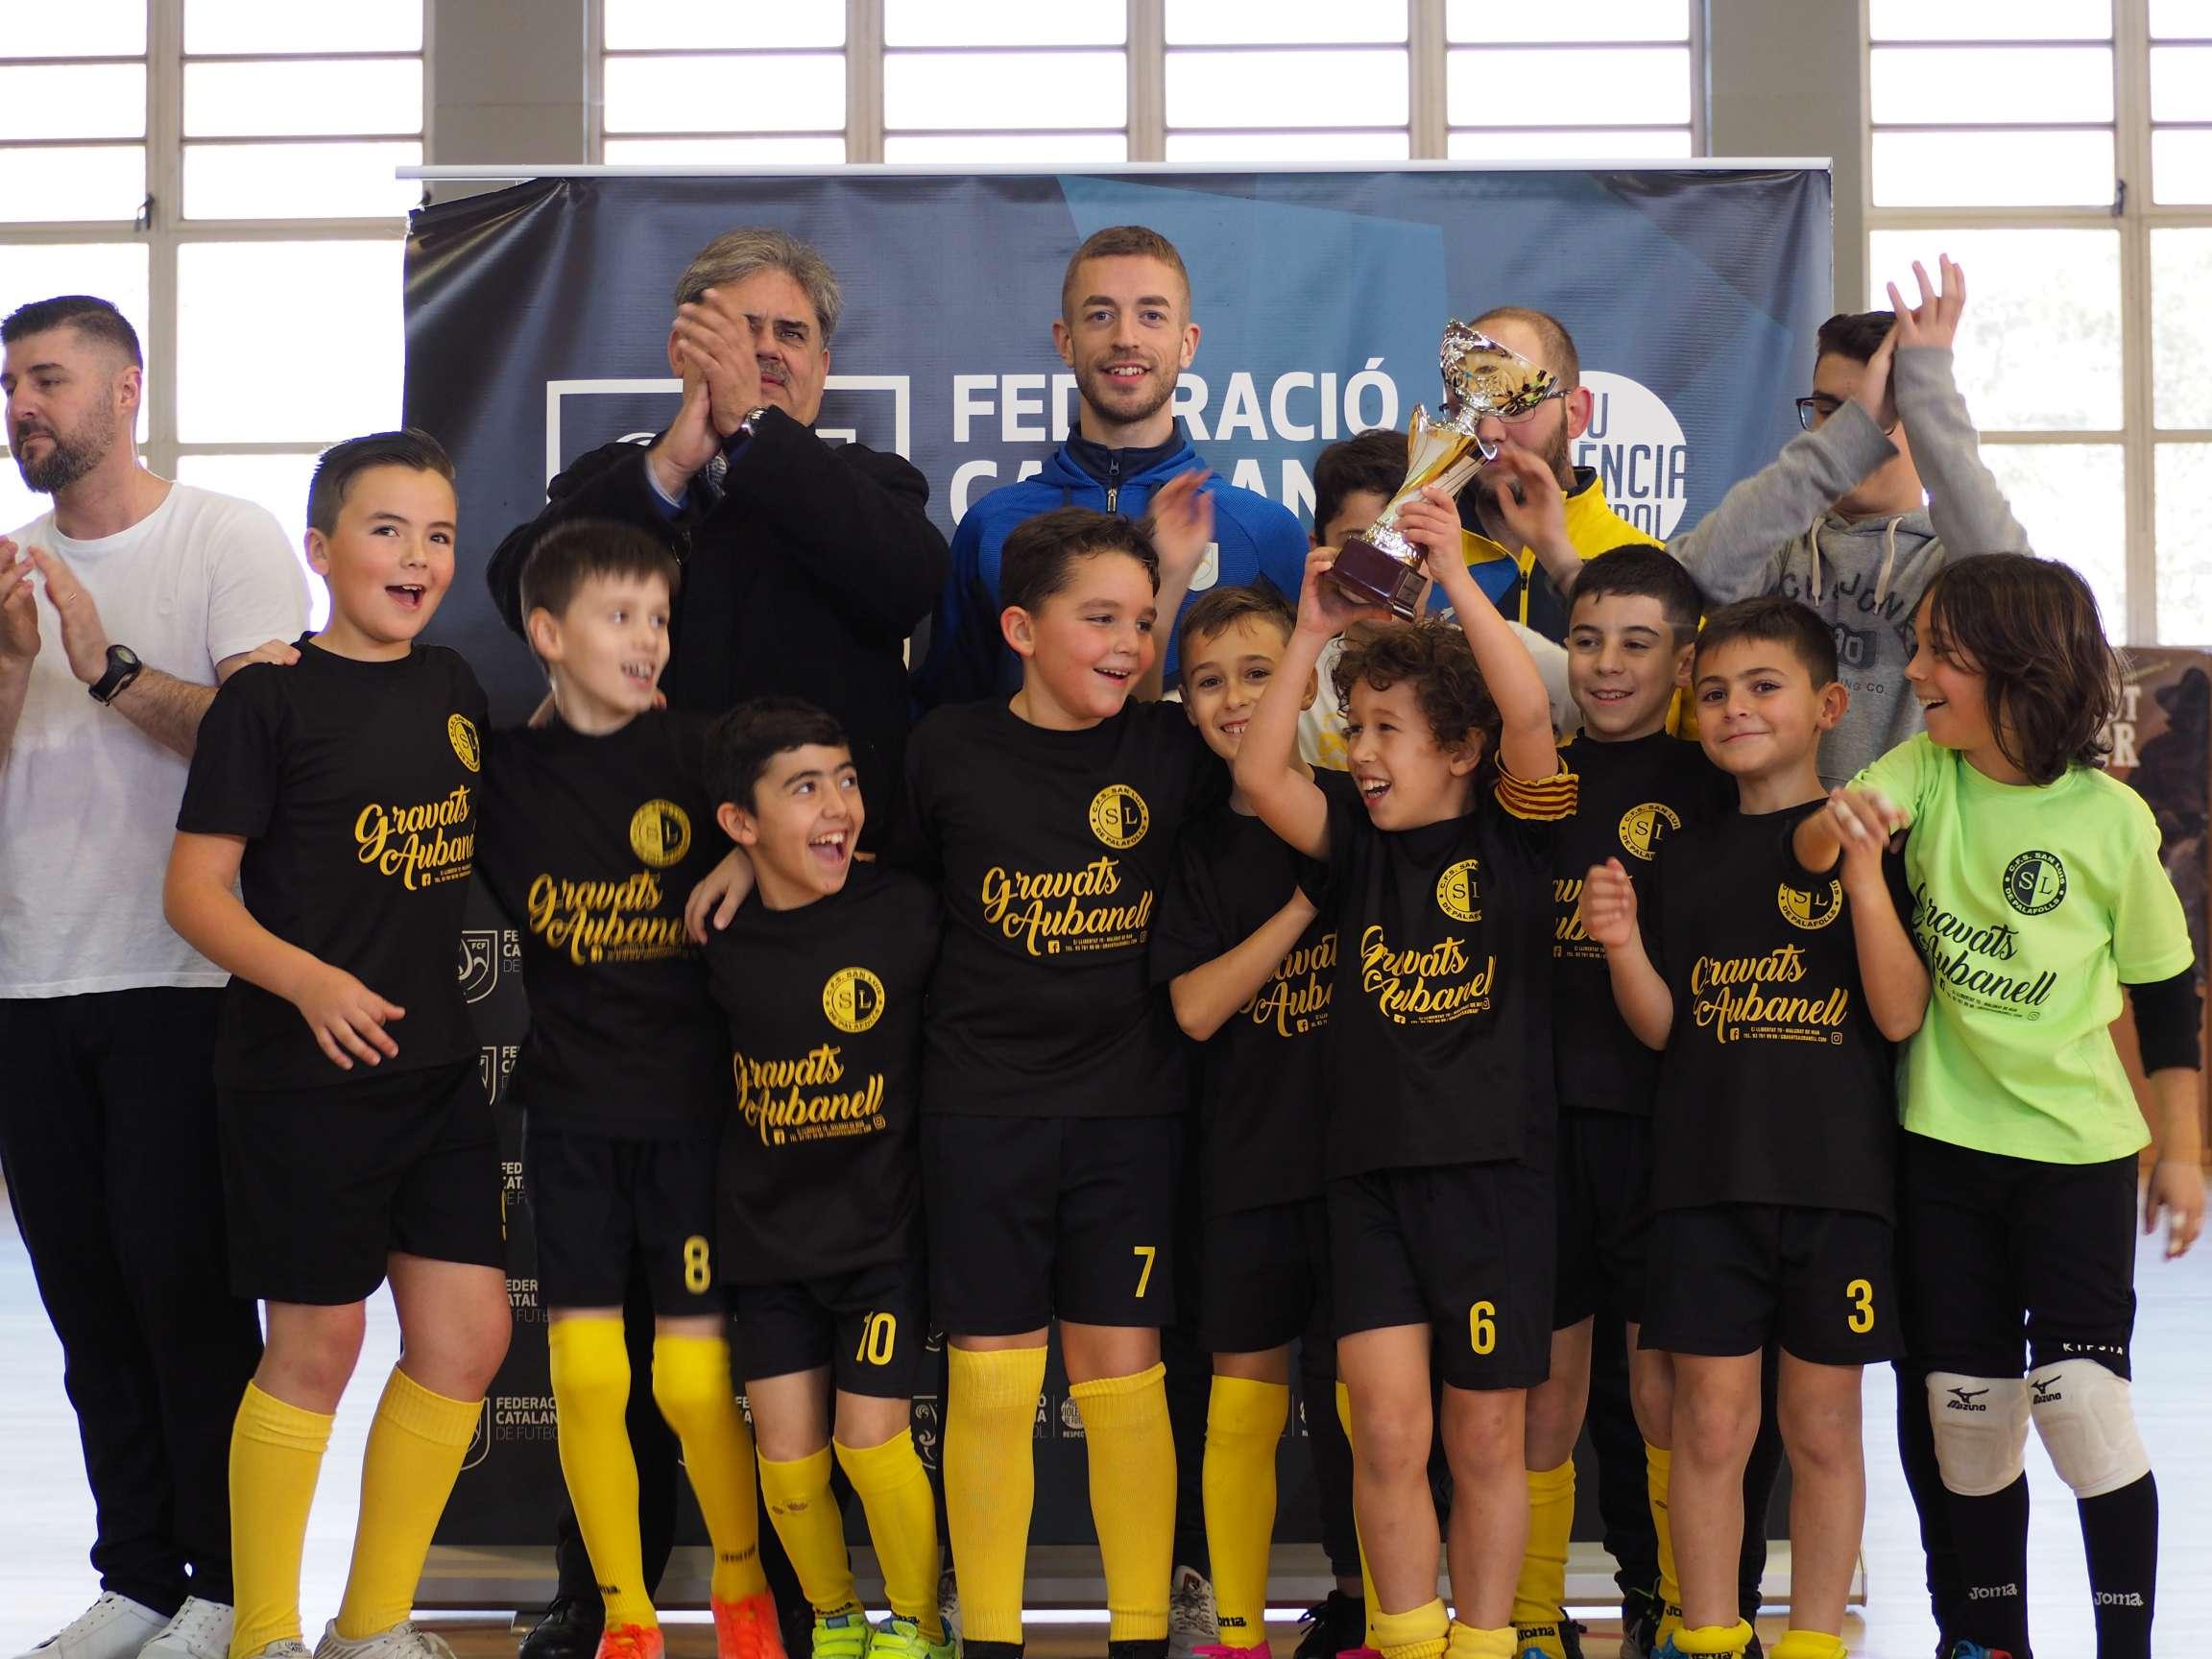 Campió Benjamí Copa Girona - EFS Palafolls 'A'